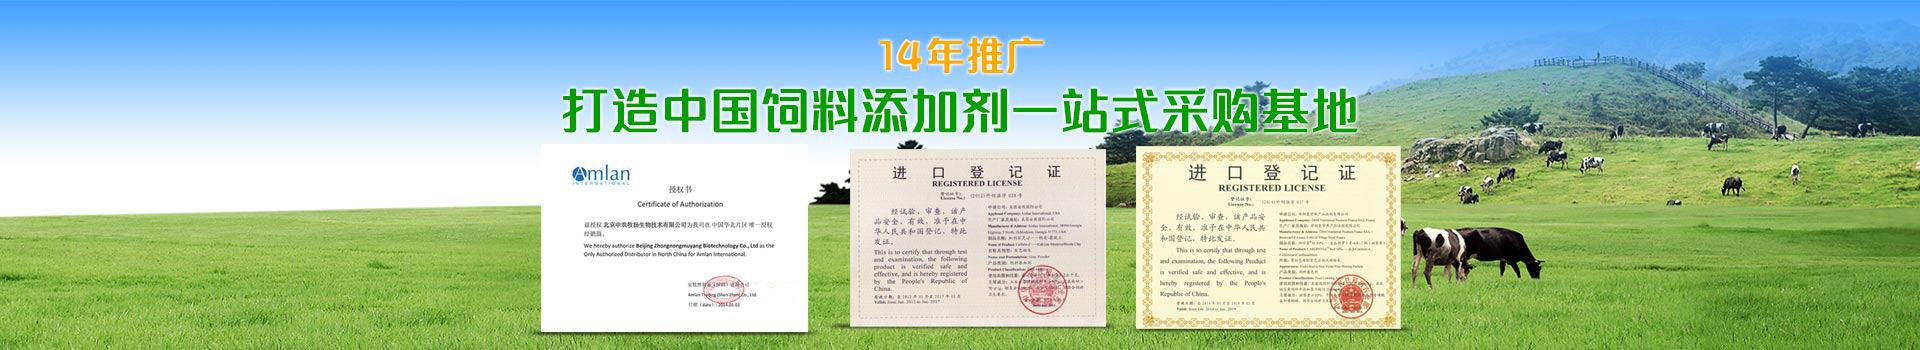 中农牧扬,14年推广,打造中国饲料添加剂一站式采购基地